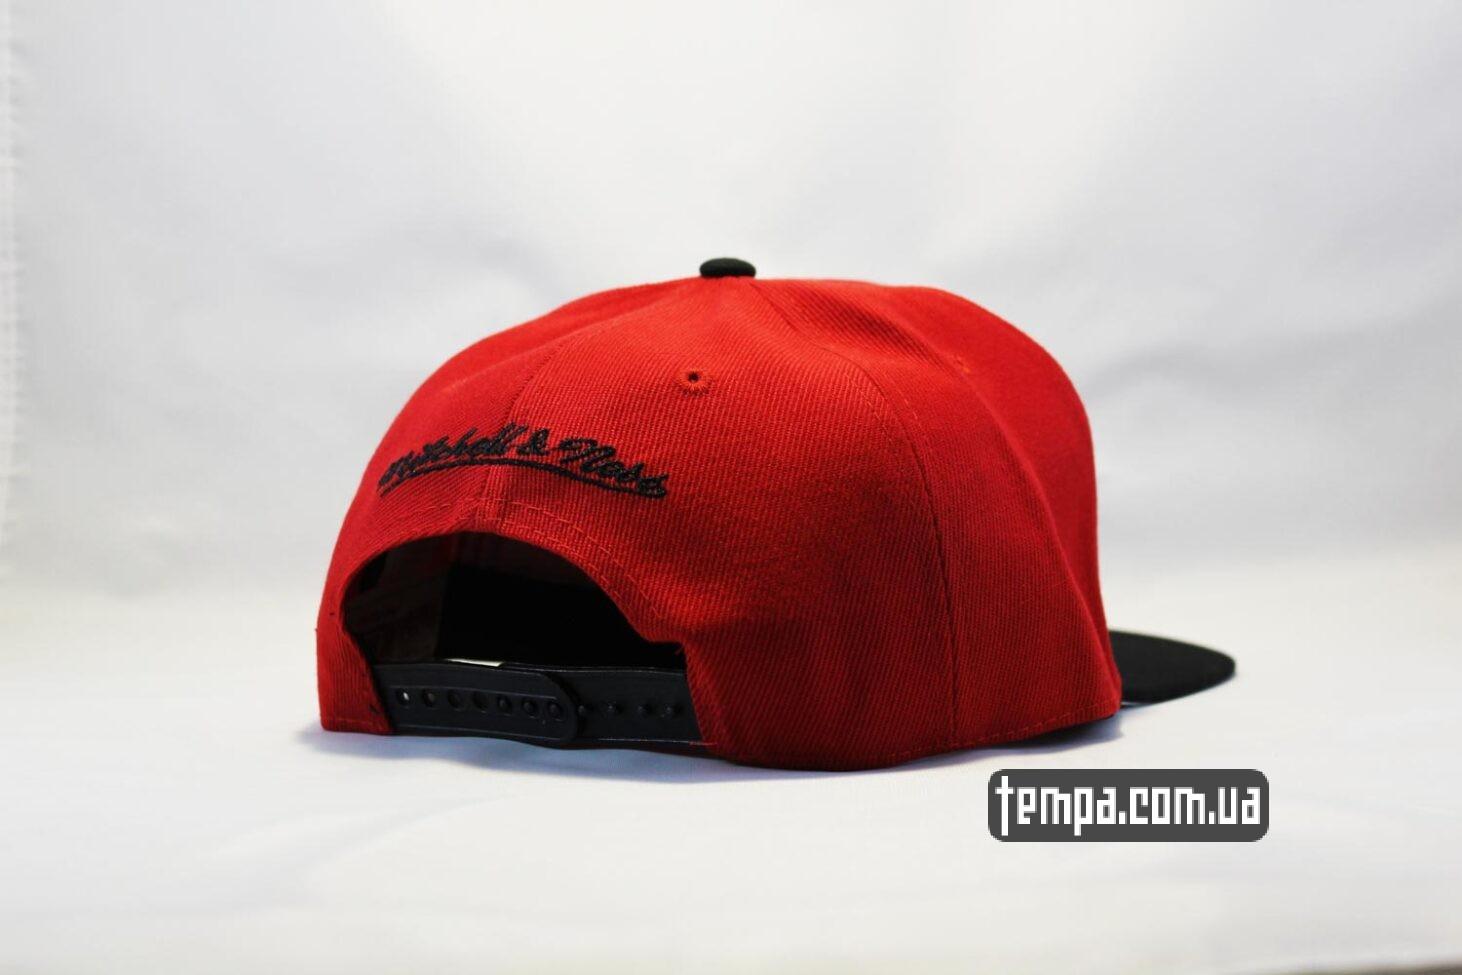 Баскетбольная одежда купить Украина кепка snapback Chicago Bulls New Era красная с быком